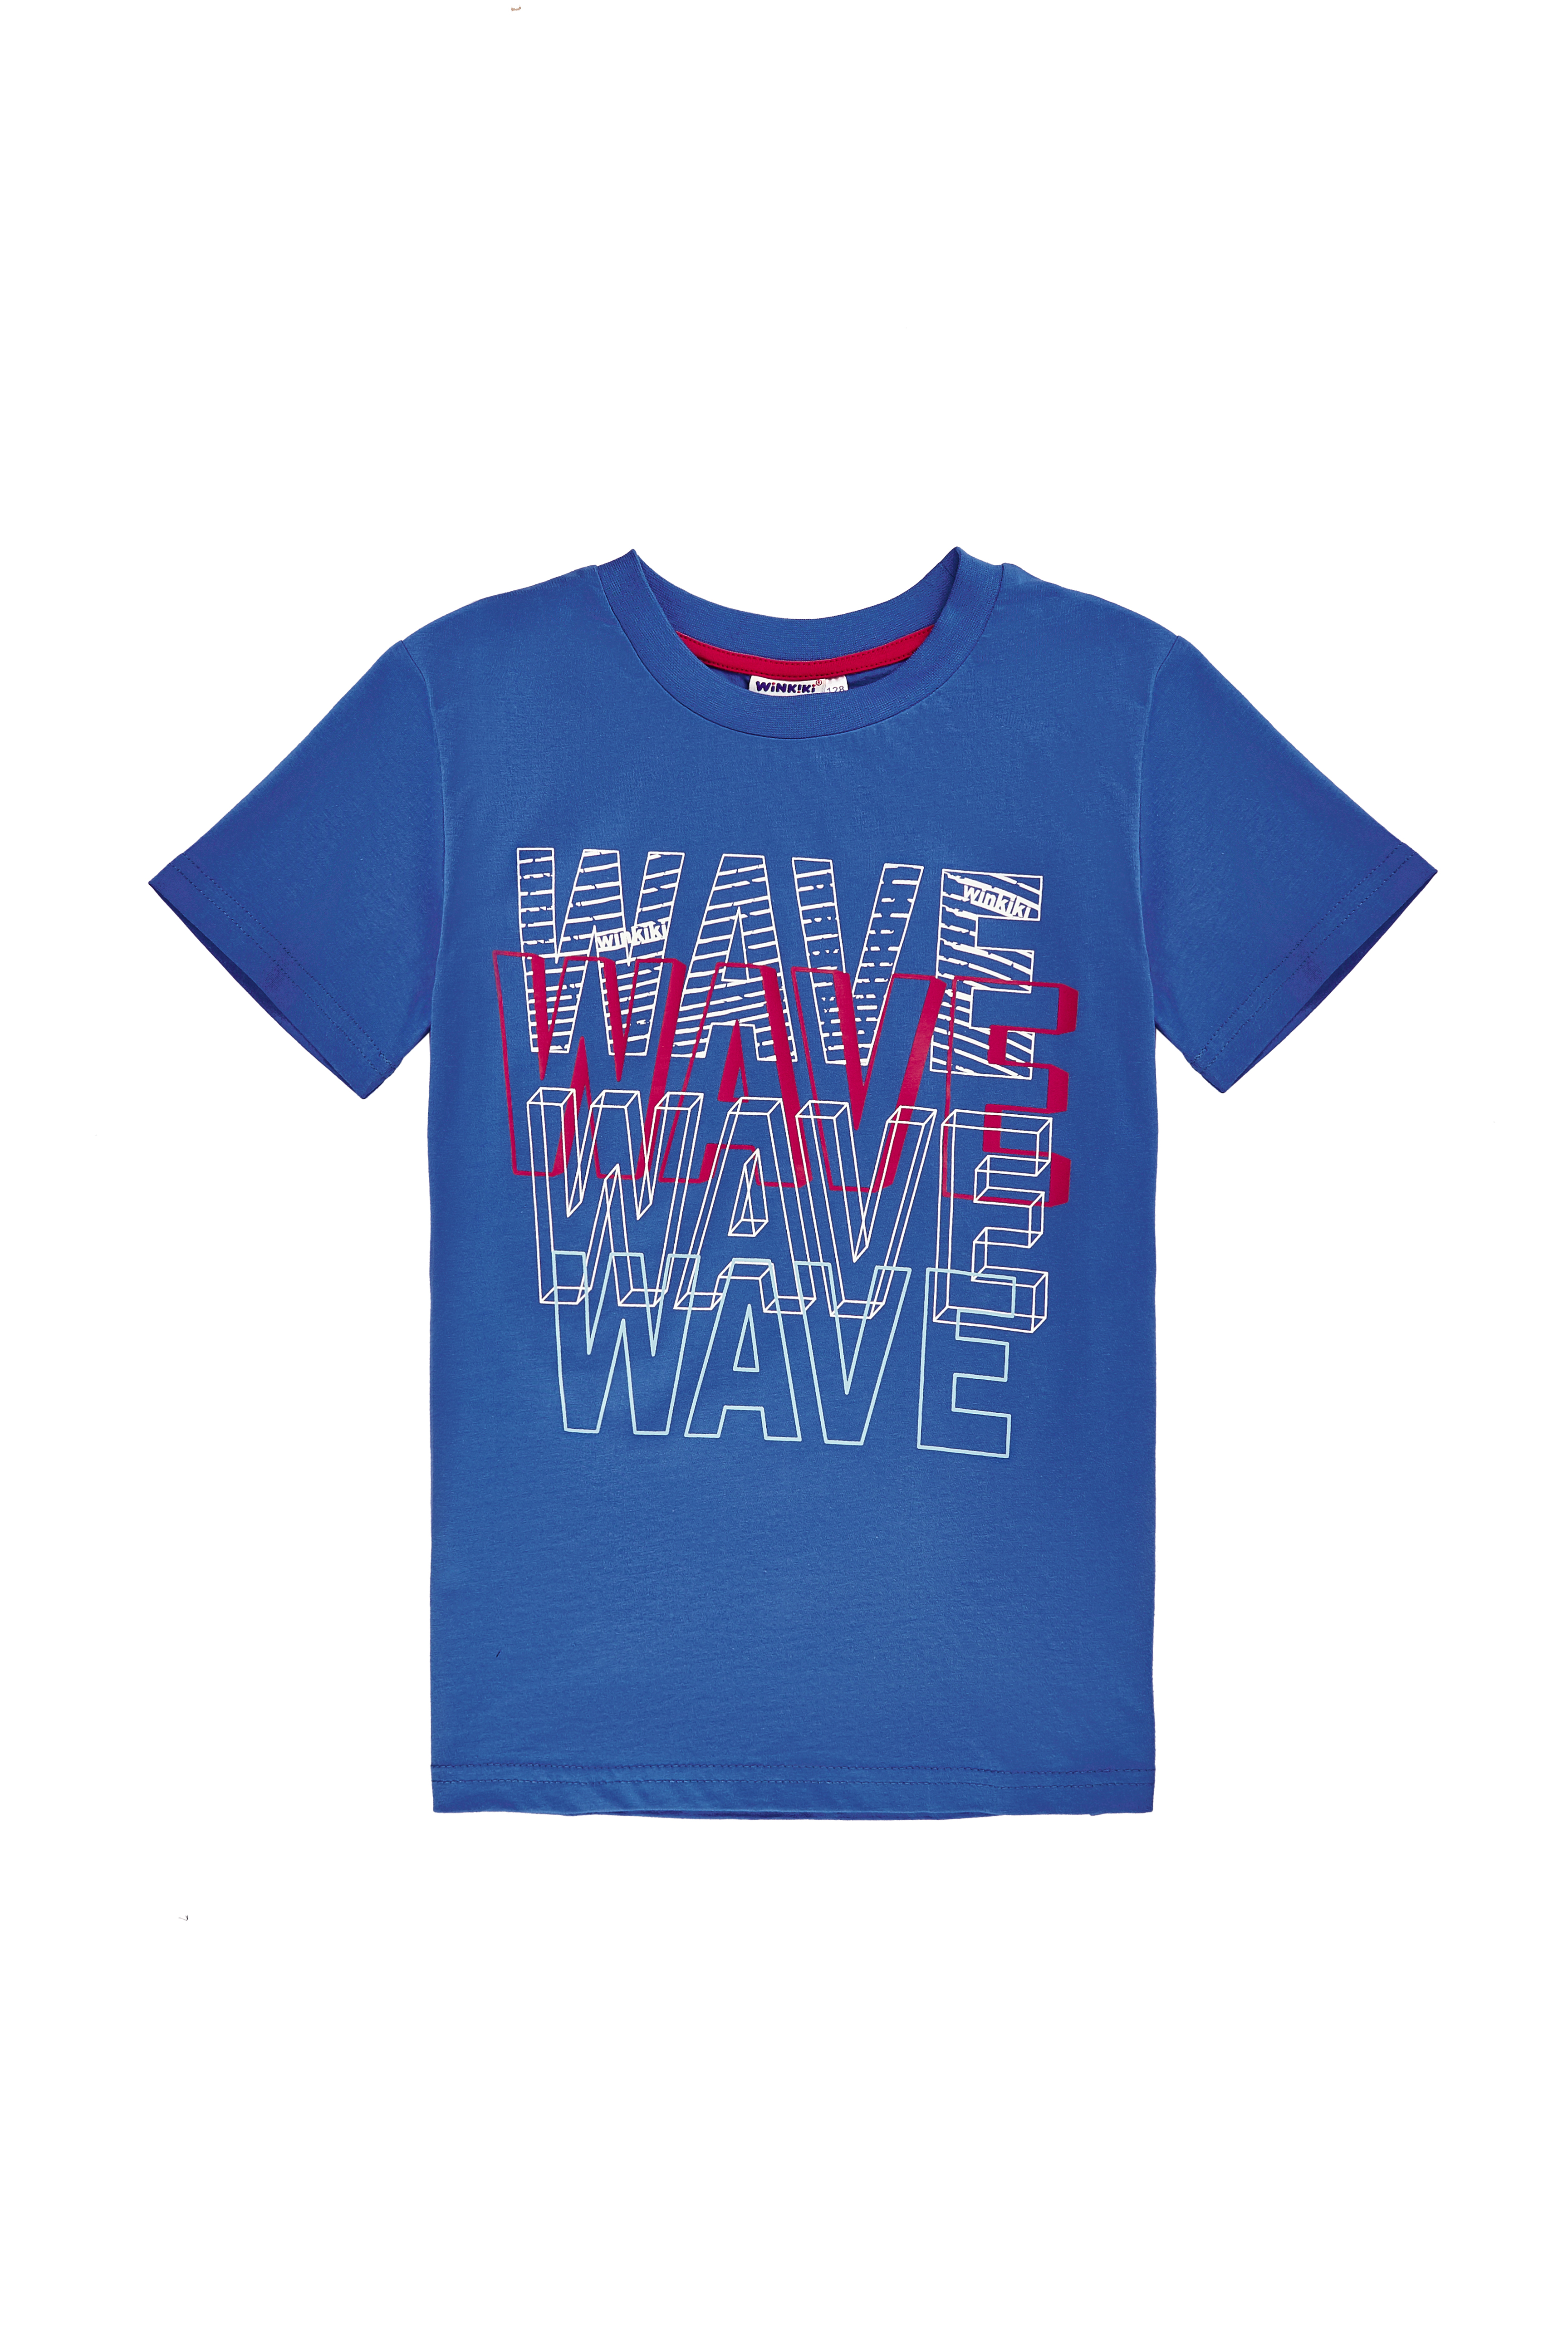 Chlapecké tričko WAVE - tmavě modrá Tmavě modrá, Tyrkysová